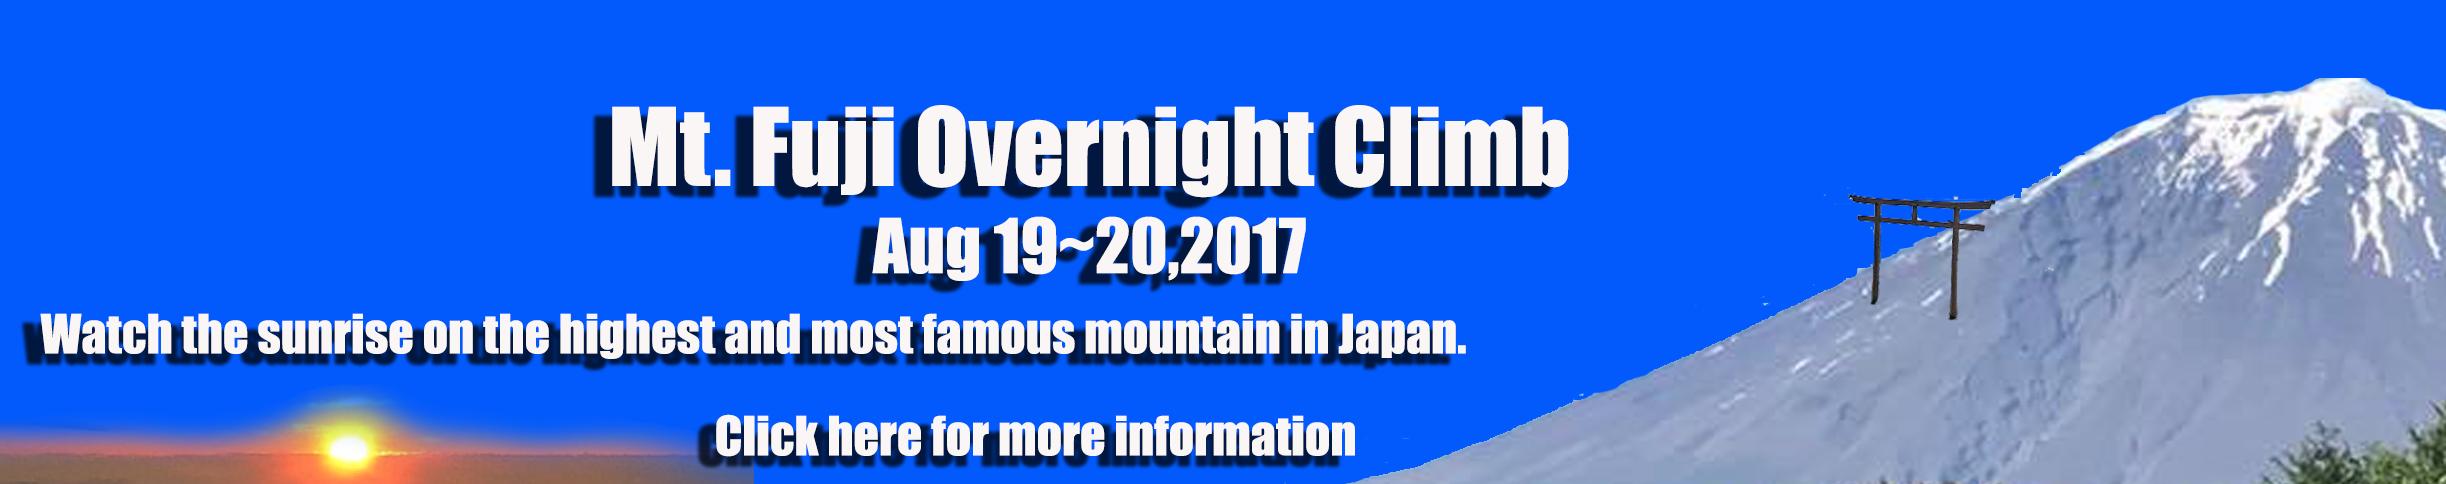 Mt. Fuji Overnight Climb